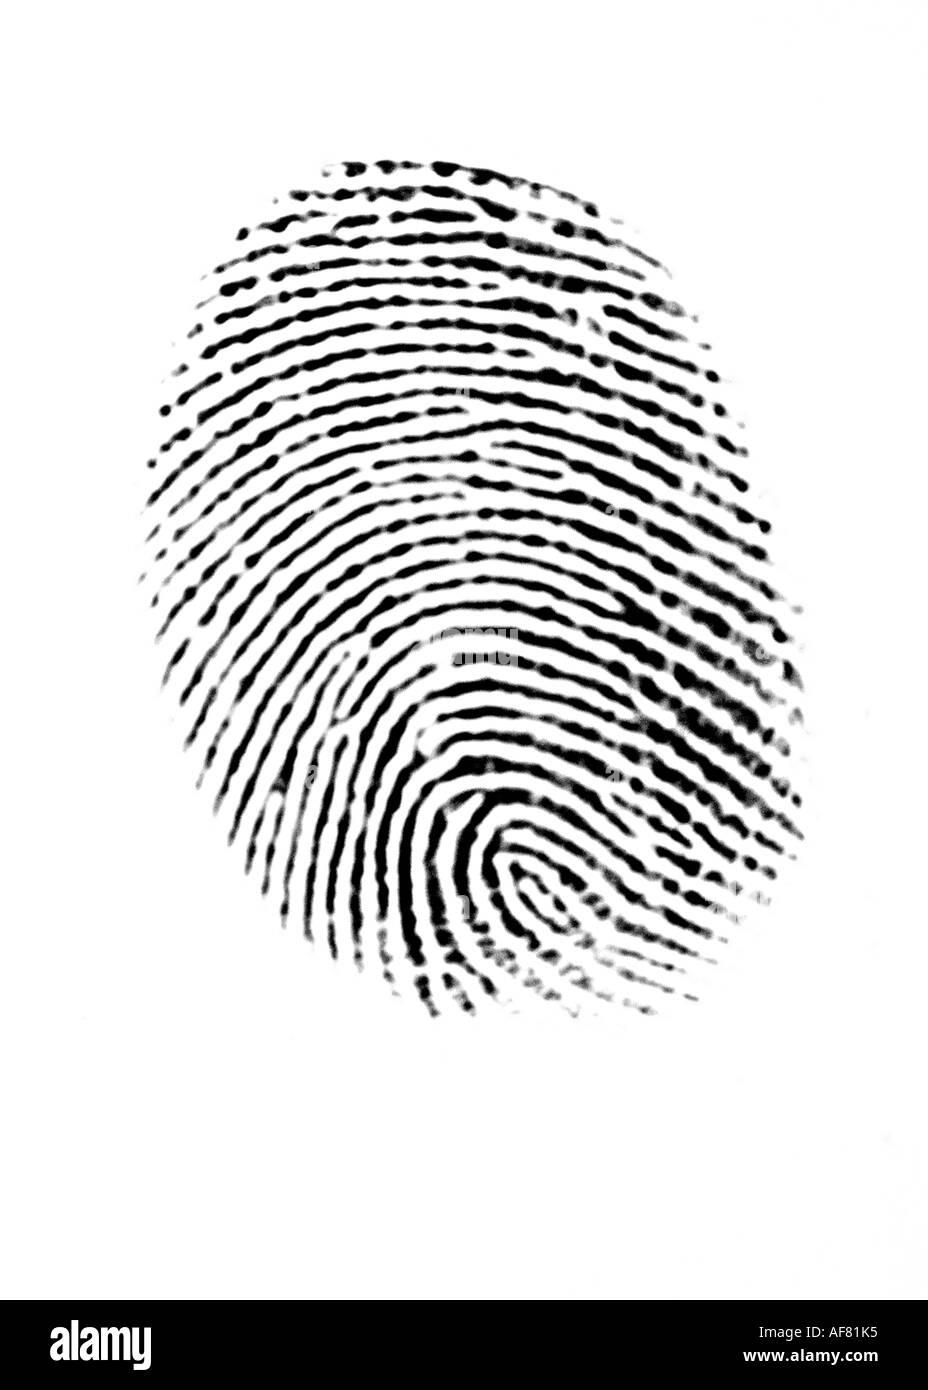 Una evidencia de huellas digitales y datos biométricos concepto Imagen De Stock